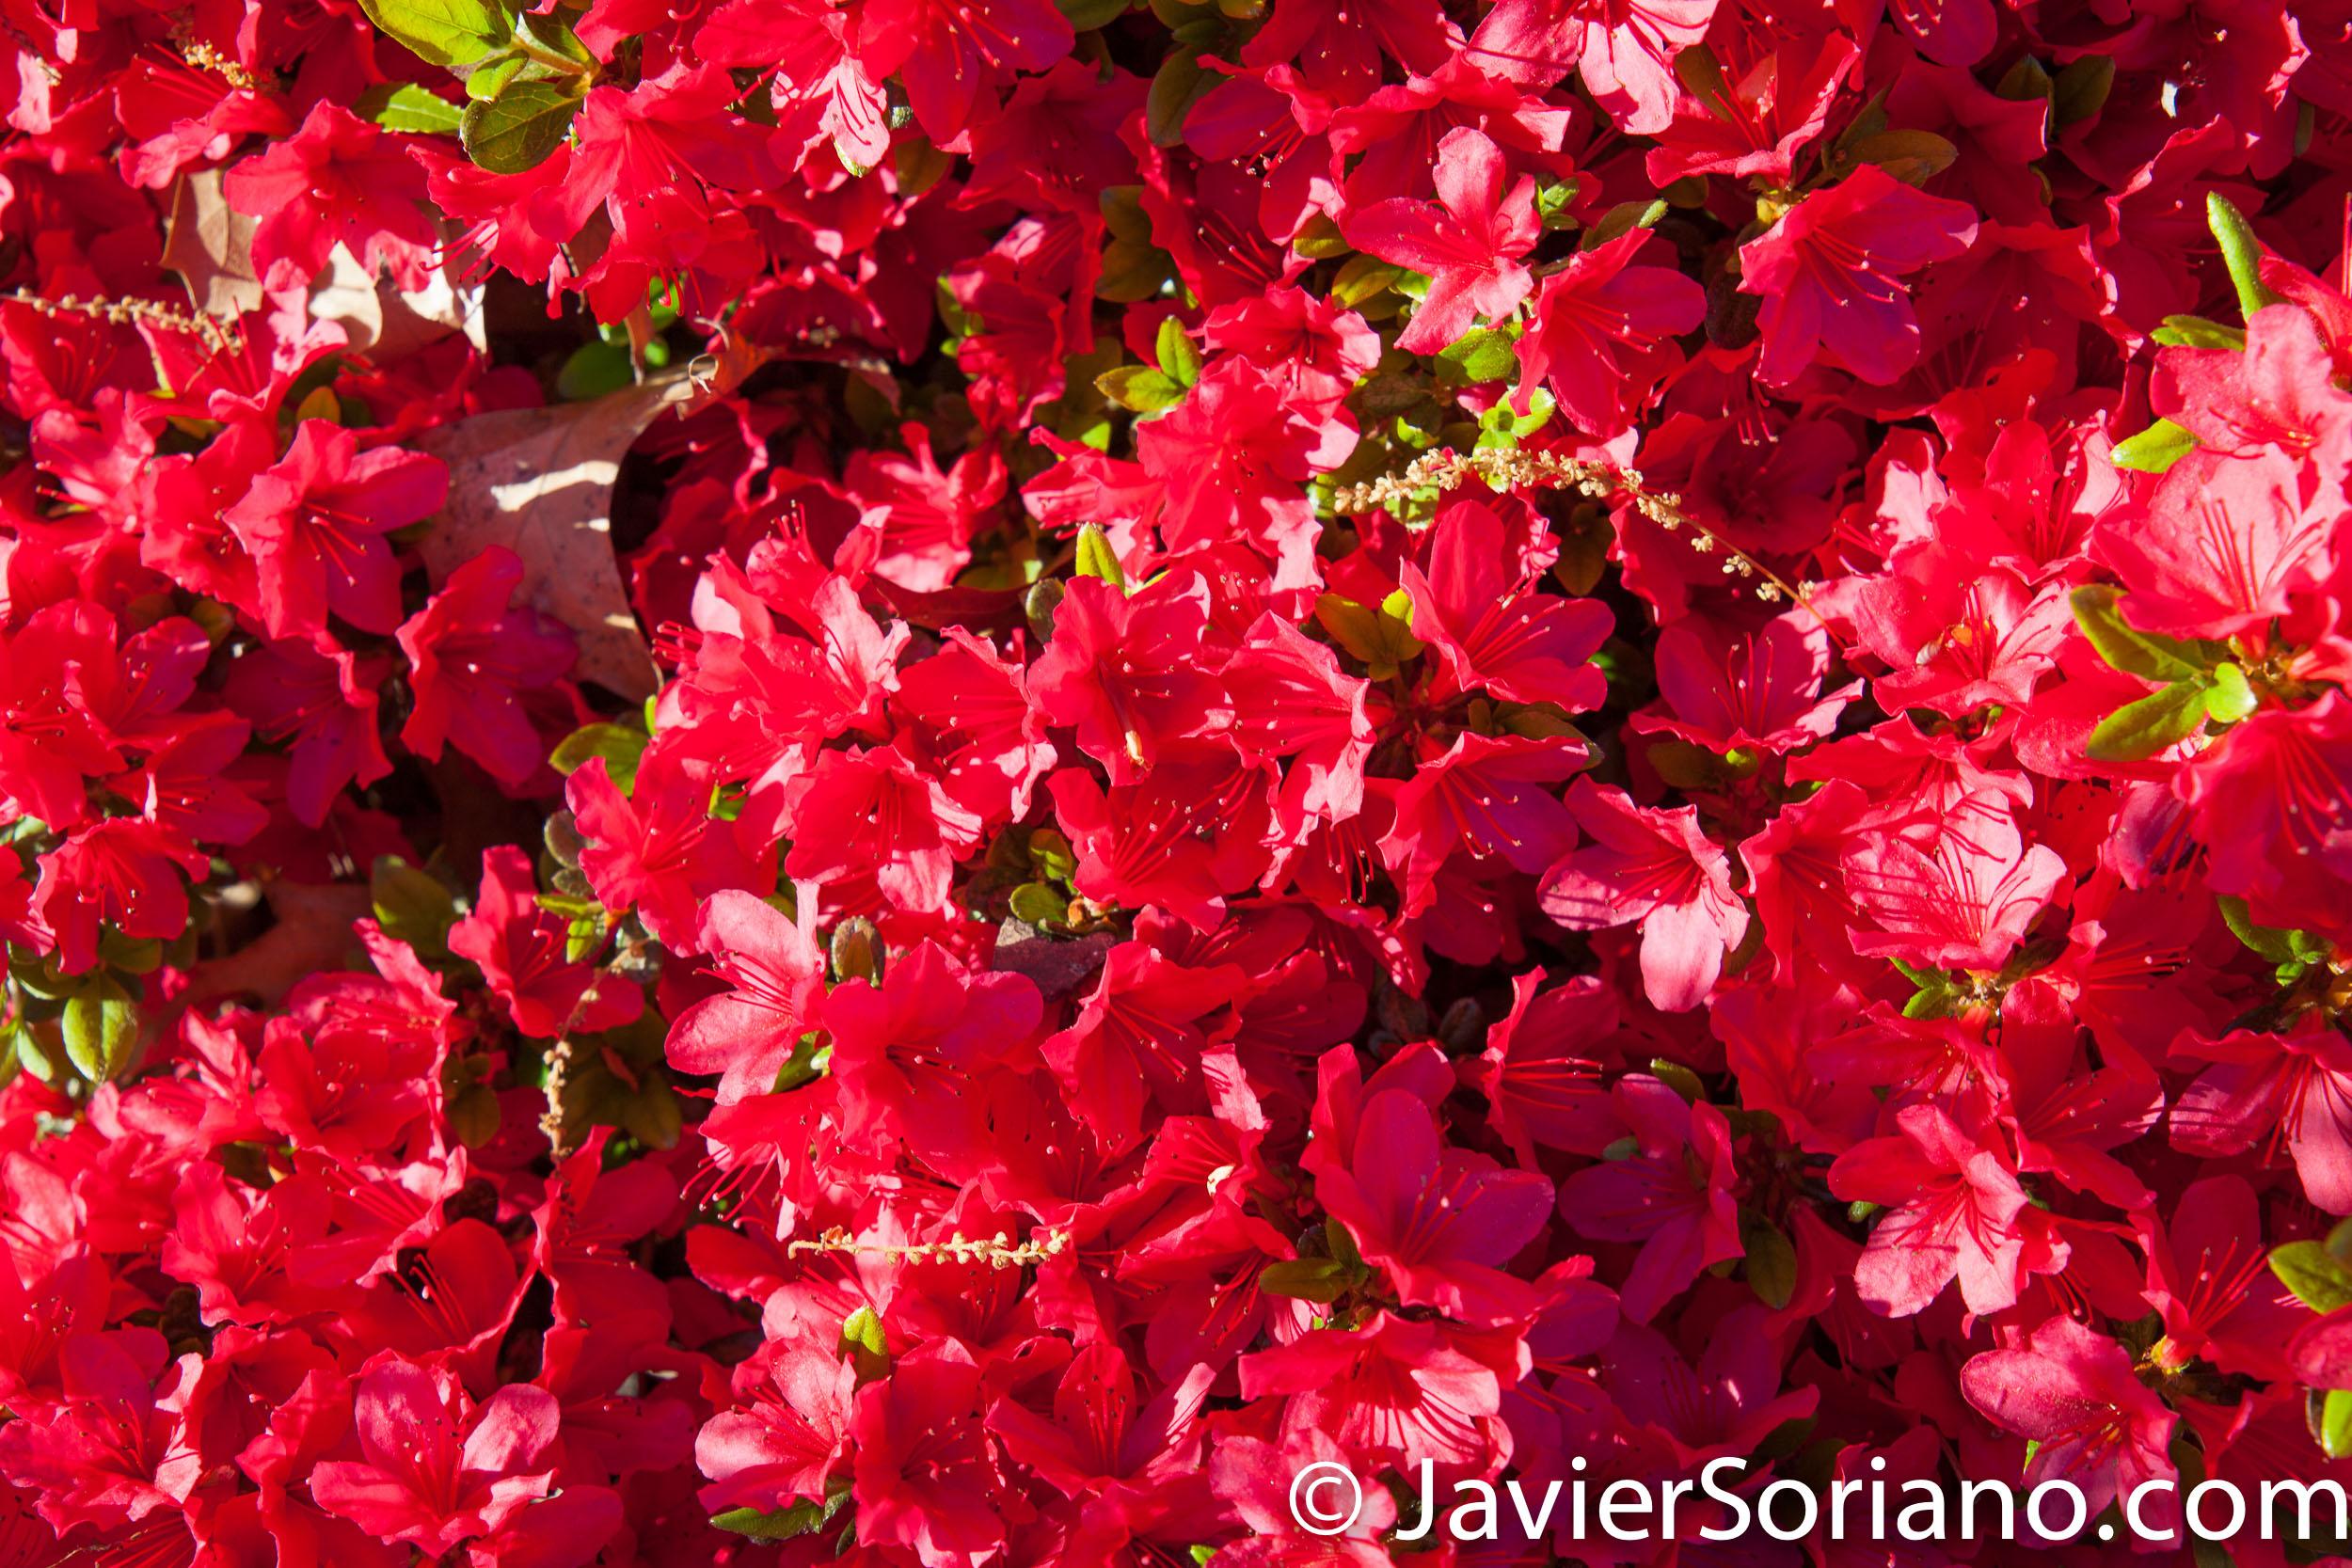 May 2, 2017 NYC - Beautiful azalea flowers at the Brooklyn Botanic Garden. Hermosas flores de azalea en el Jardín Botánico de Brooklyn. Photo by Javier Soriano/www.JavierSoriano.com